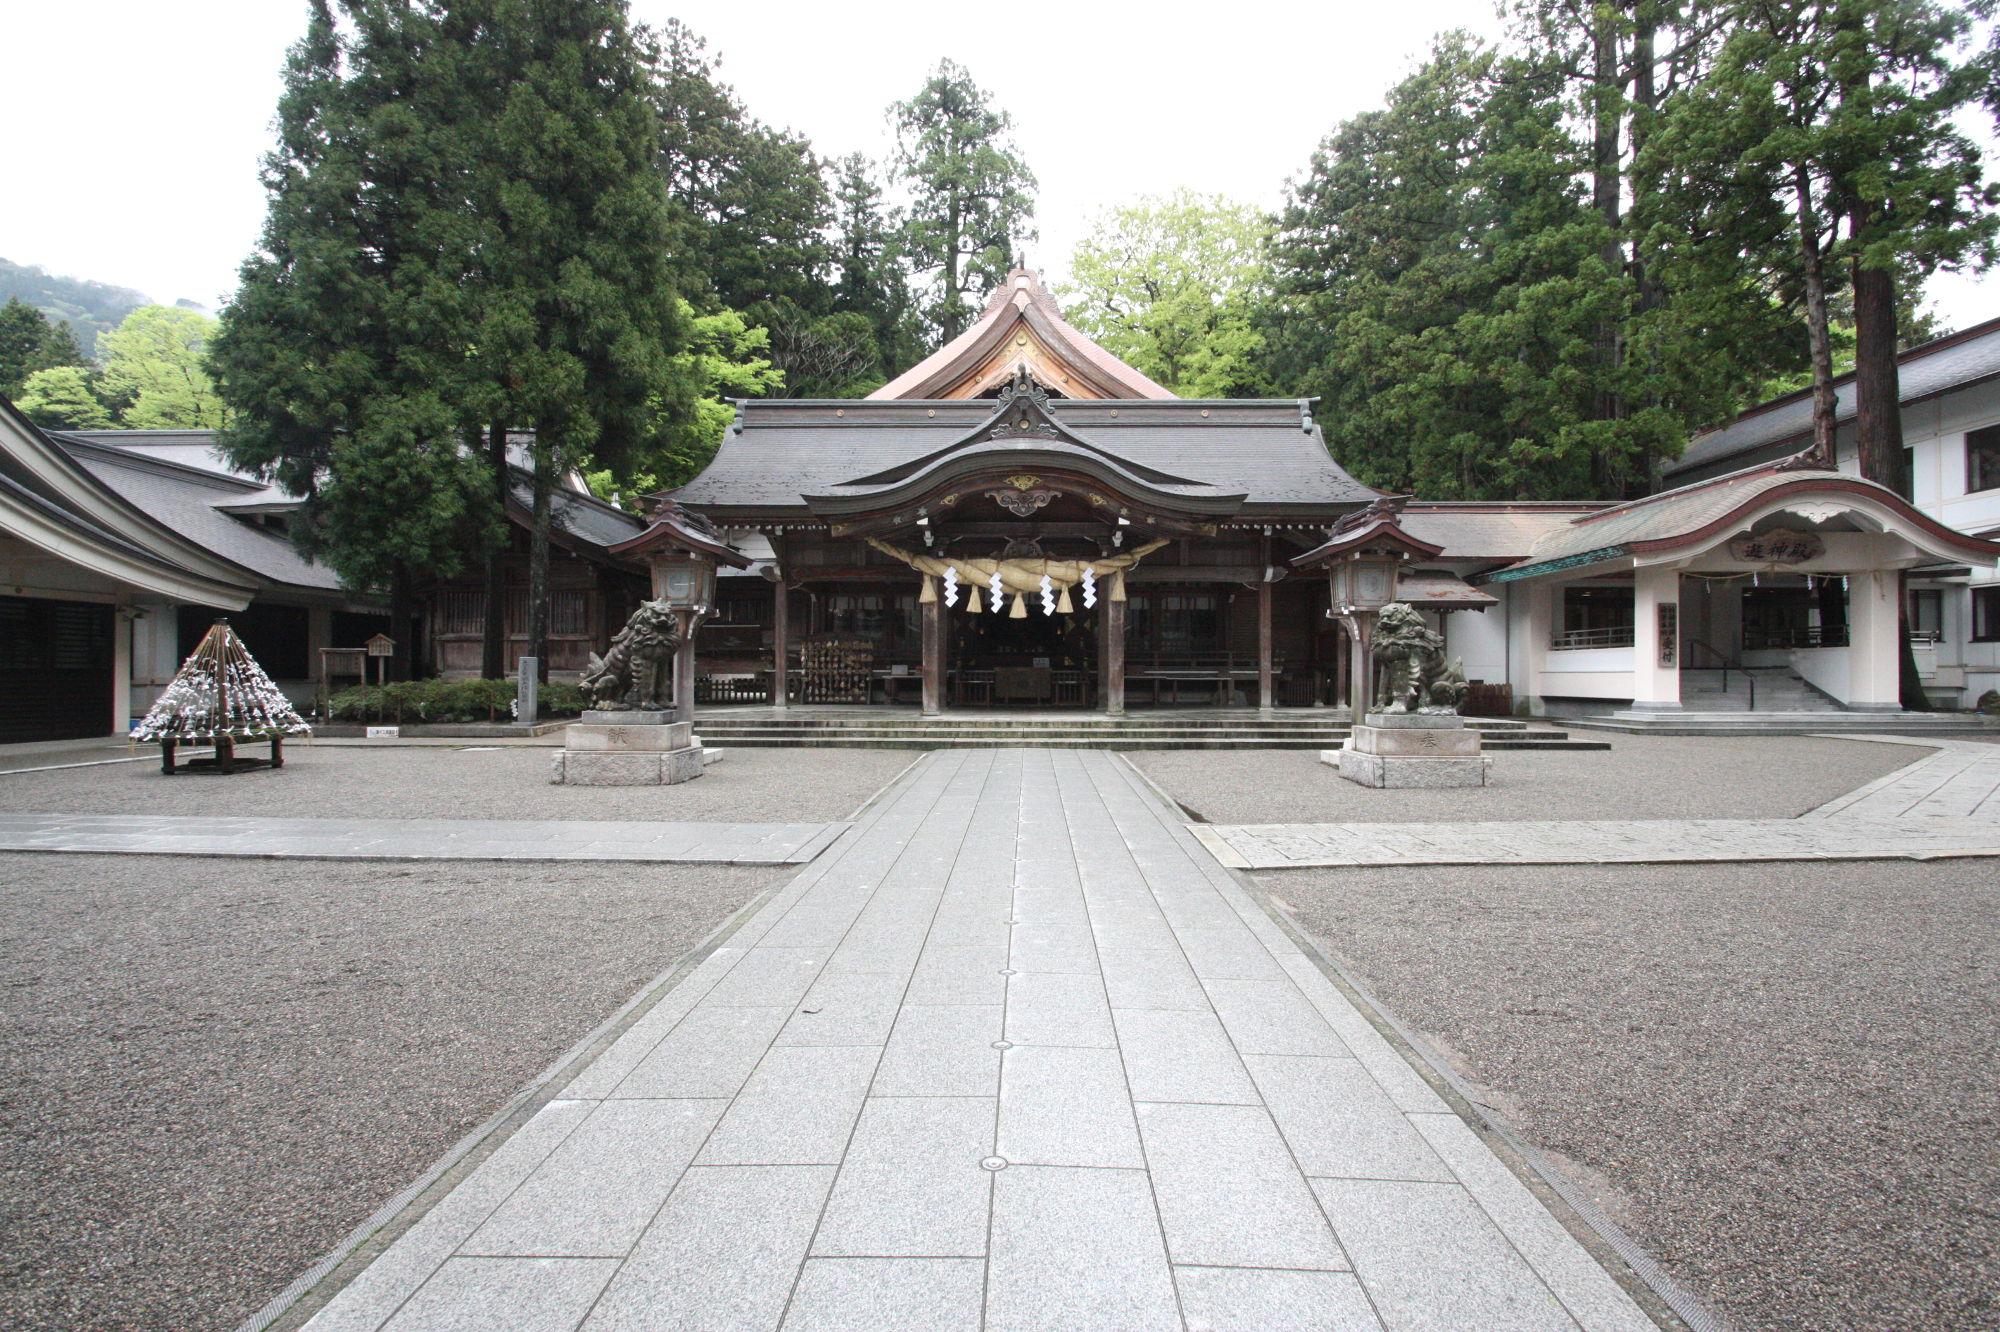 白山比咩神社の本殿(拝殿)